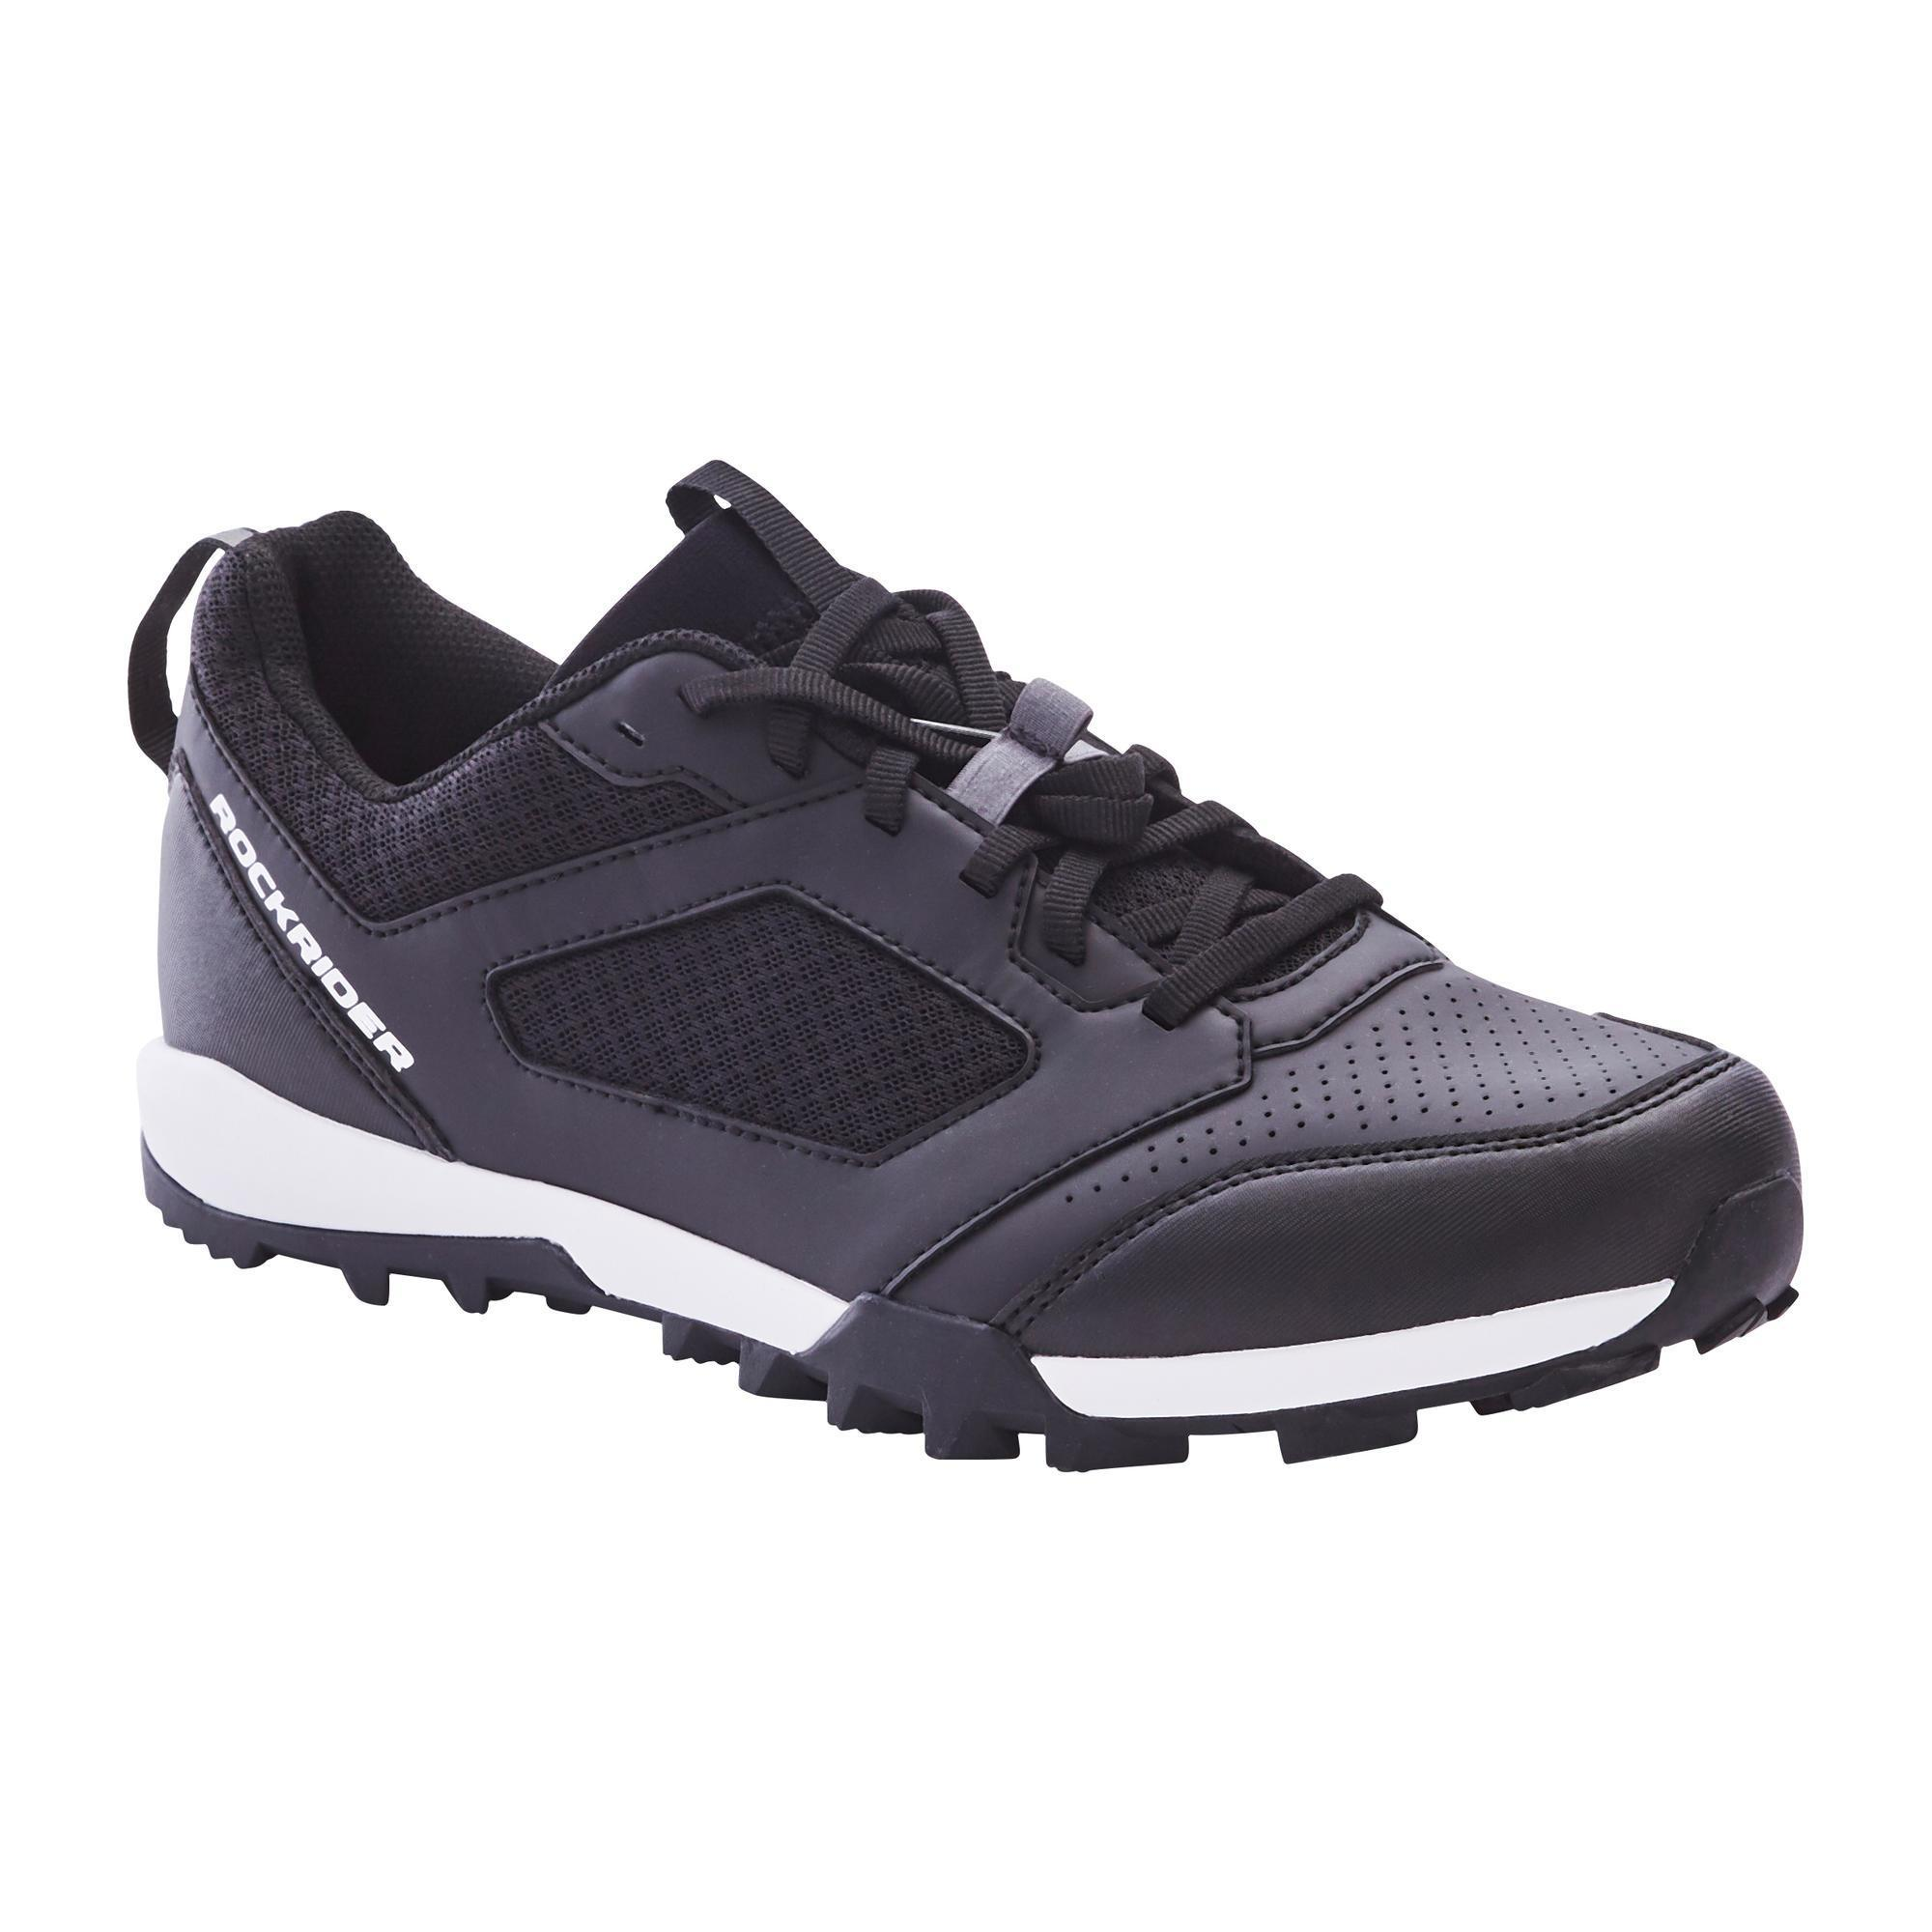 Rockrider MTB-schoenen ST 100 zwart